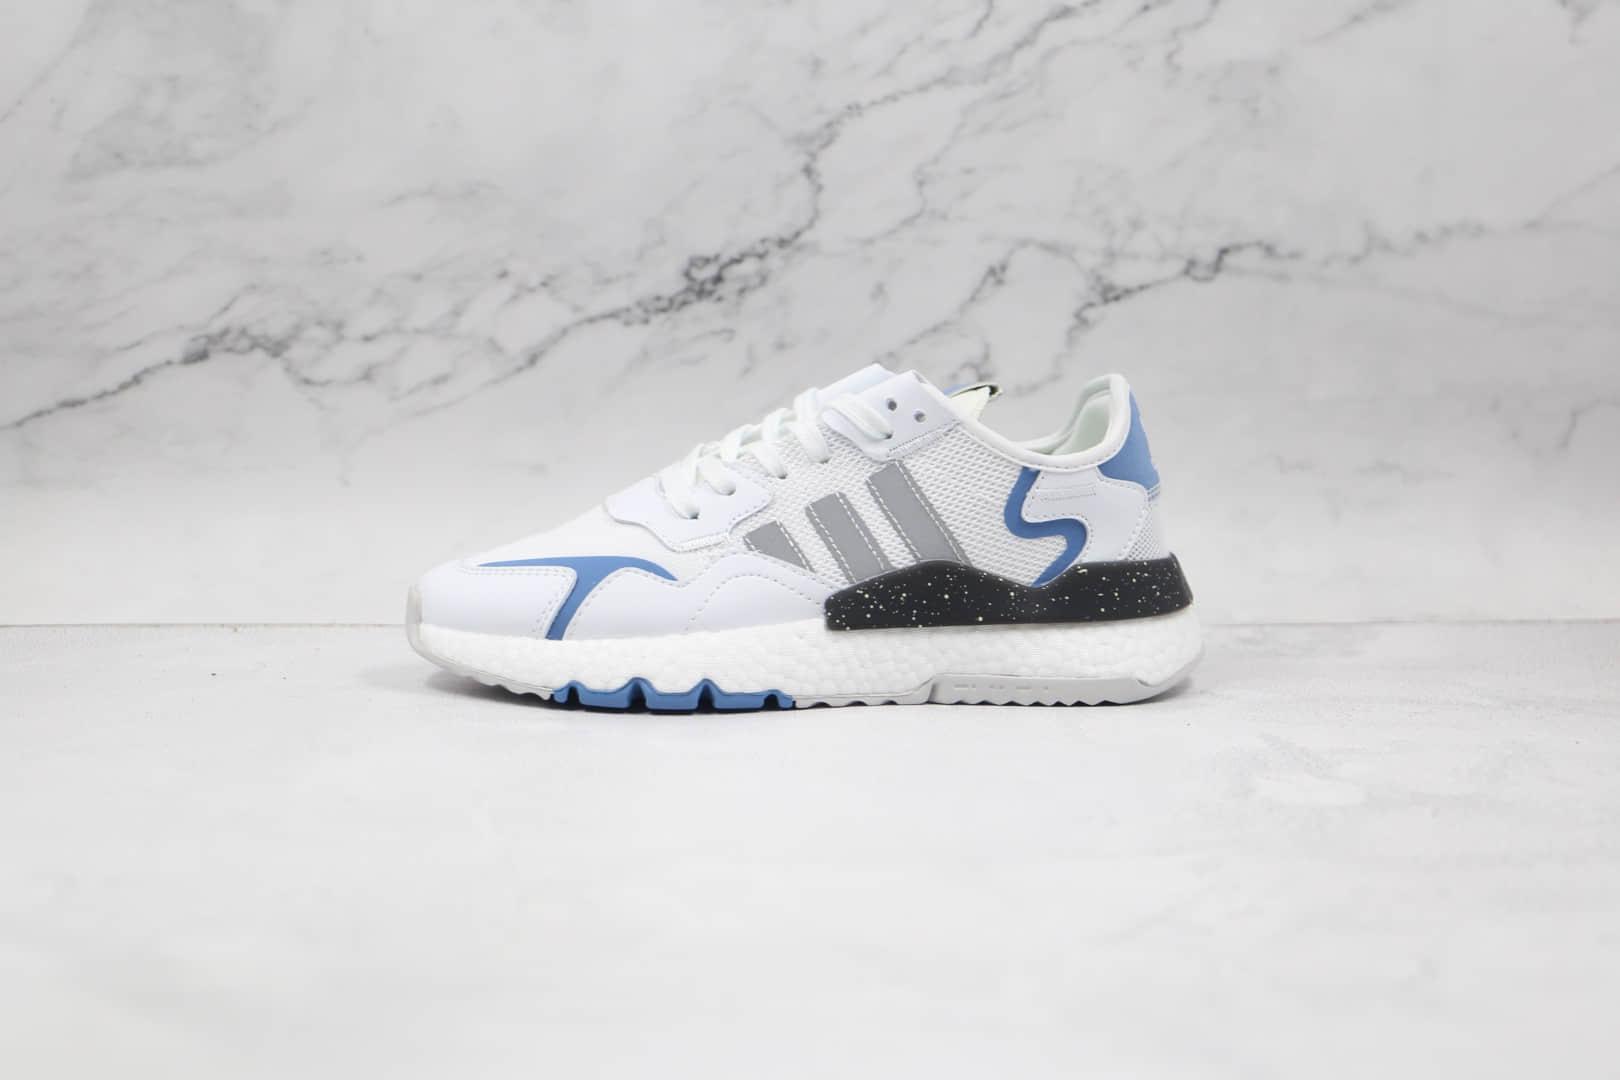 阿迪达斯Adidas Nite Jogger 2019 Boost纯原版本夜行者一代白灰色爆米花跑鞋原盒原标 货号:FX6903